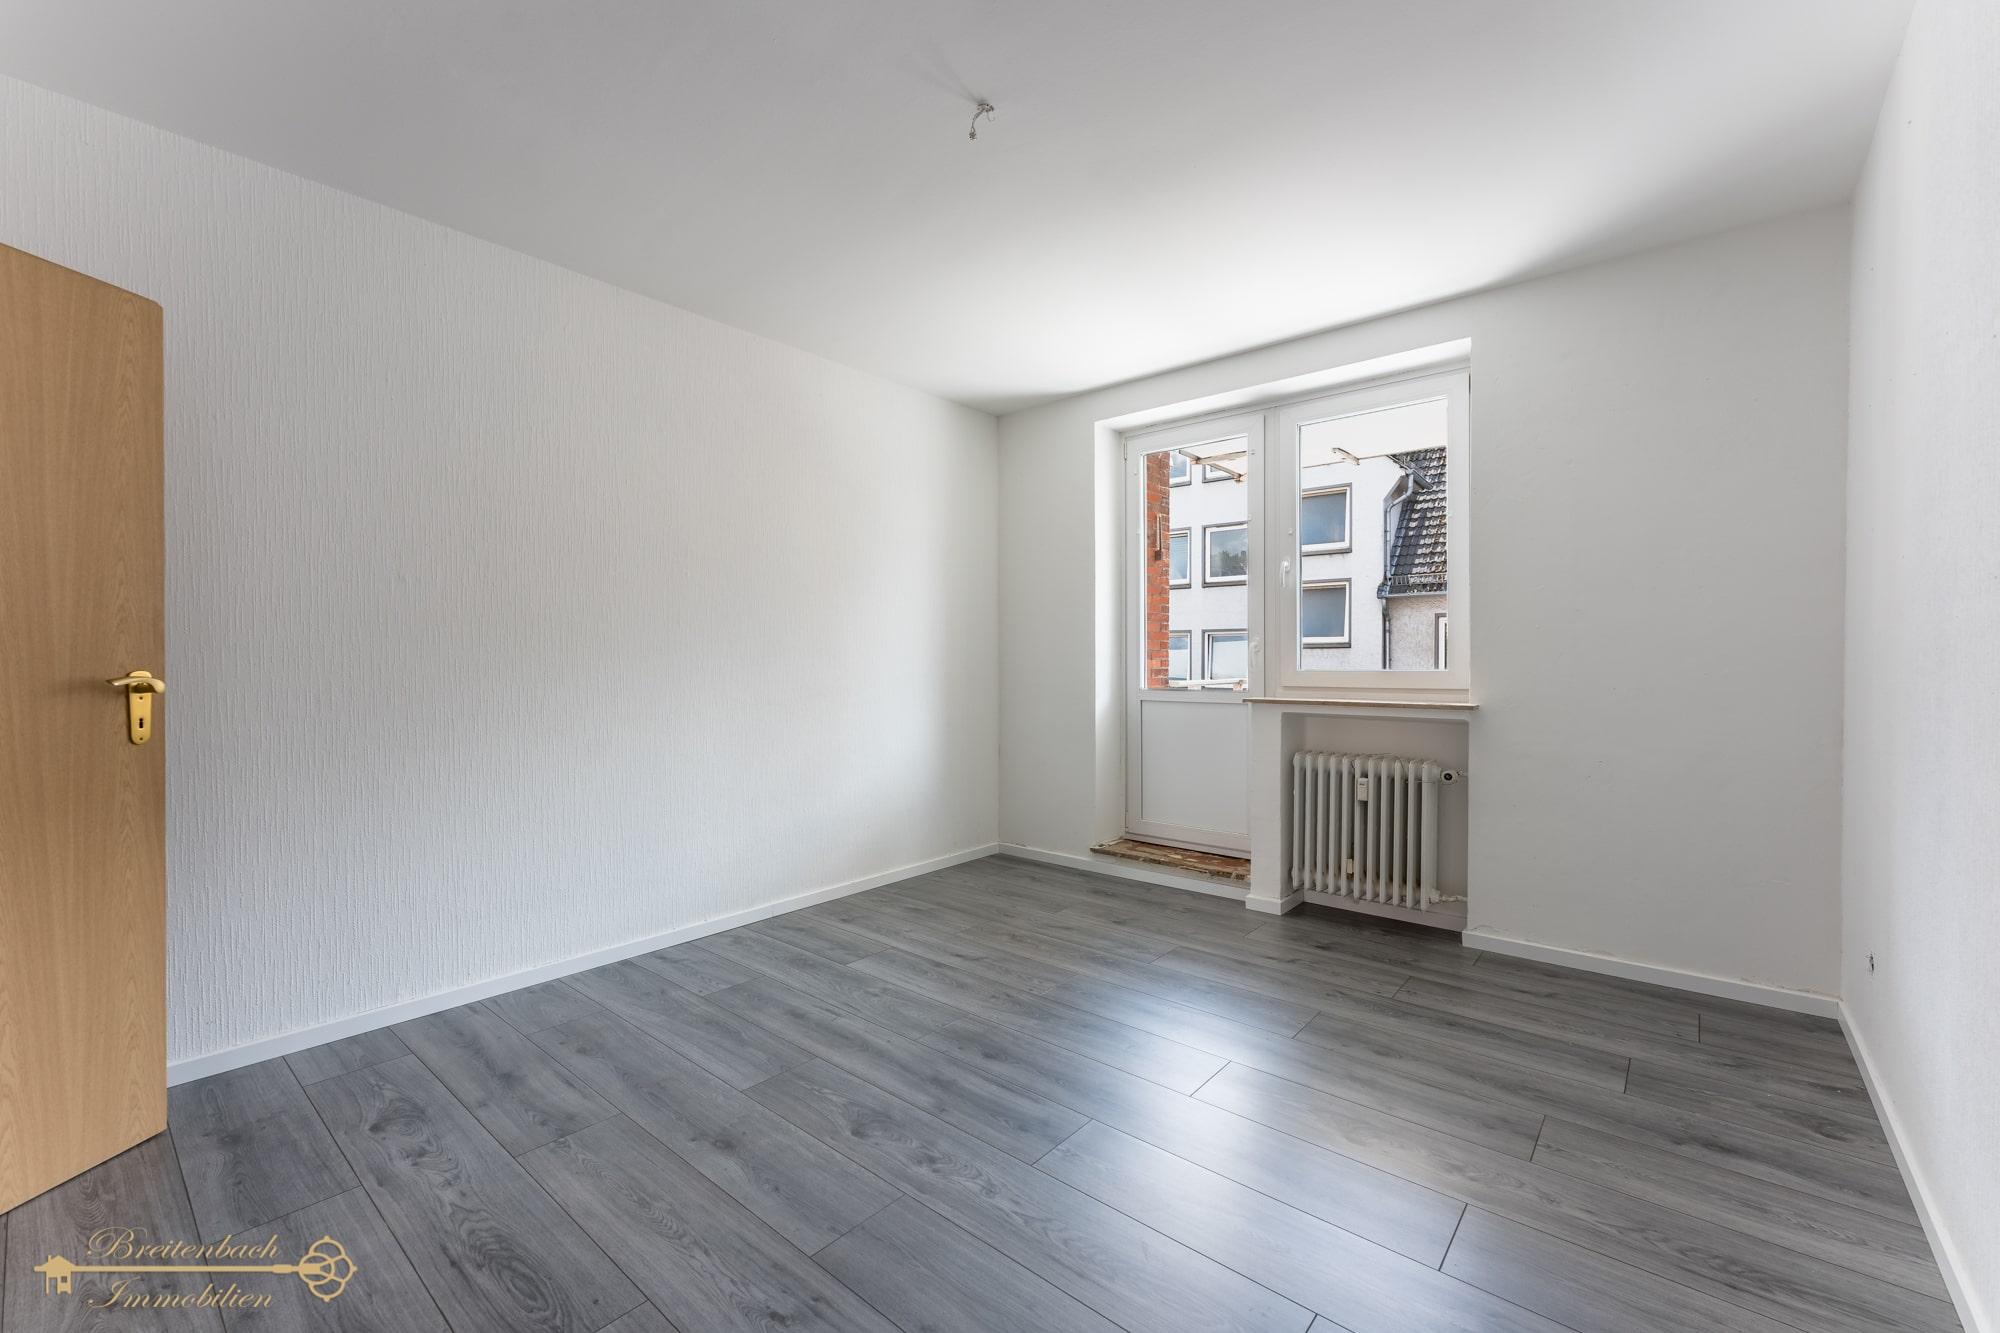 2021-08-03-Breitenbach-Immobilien-Makler-Bremen-4-min